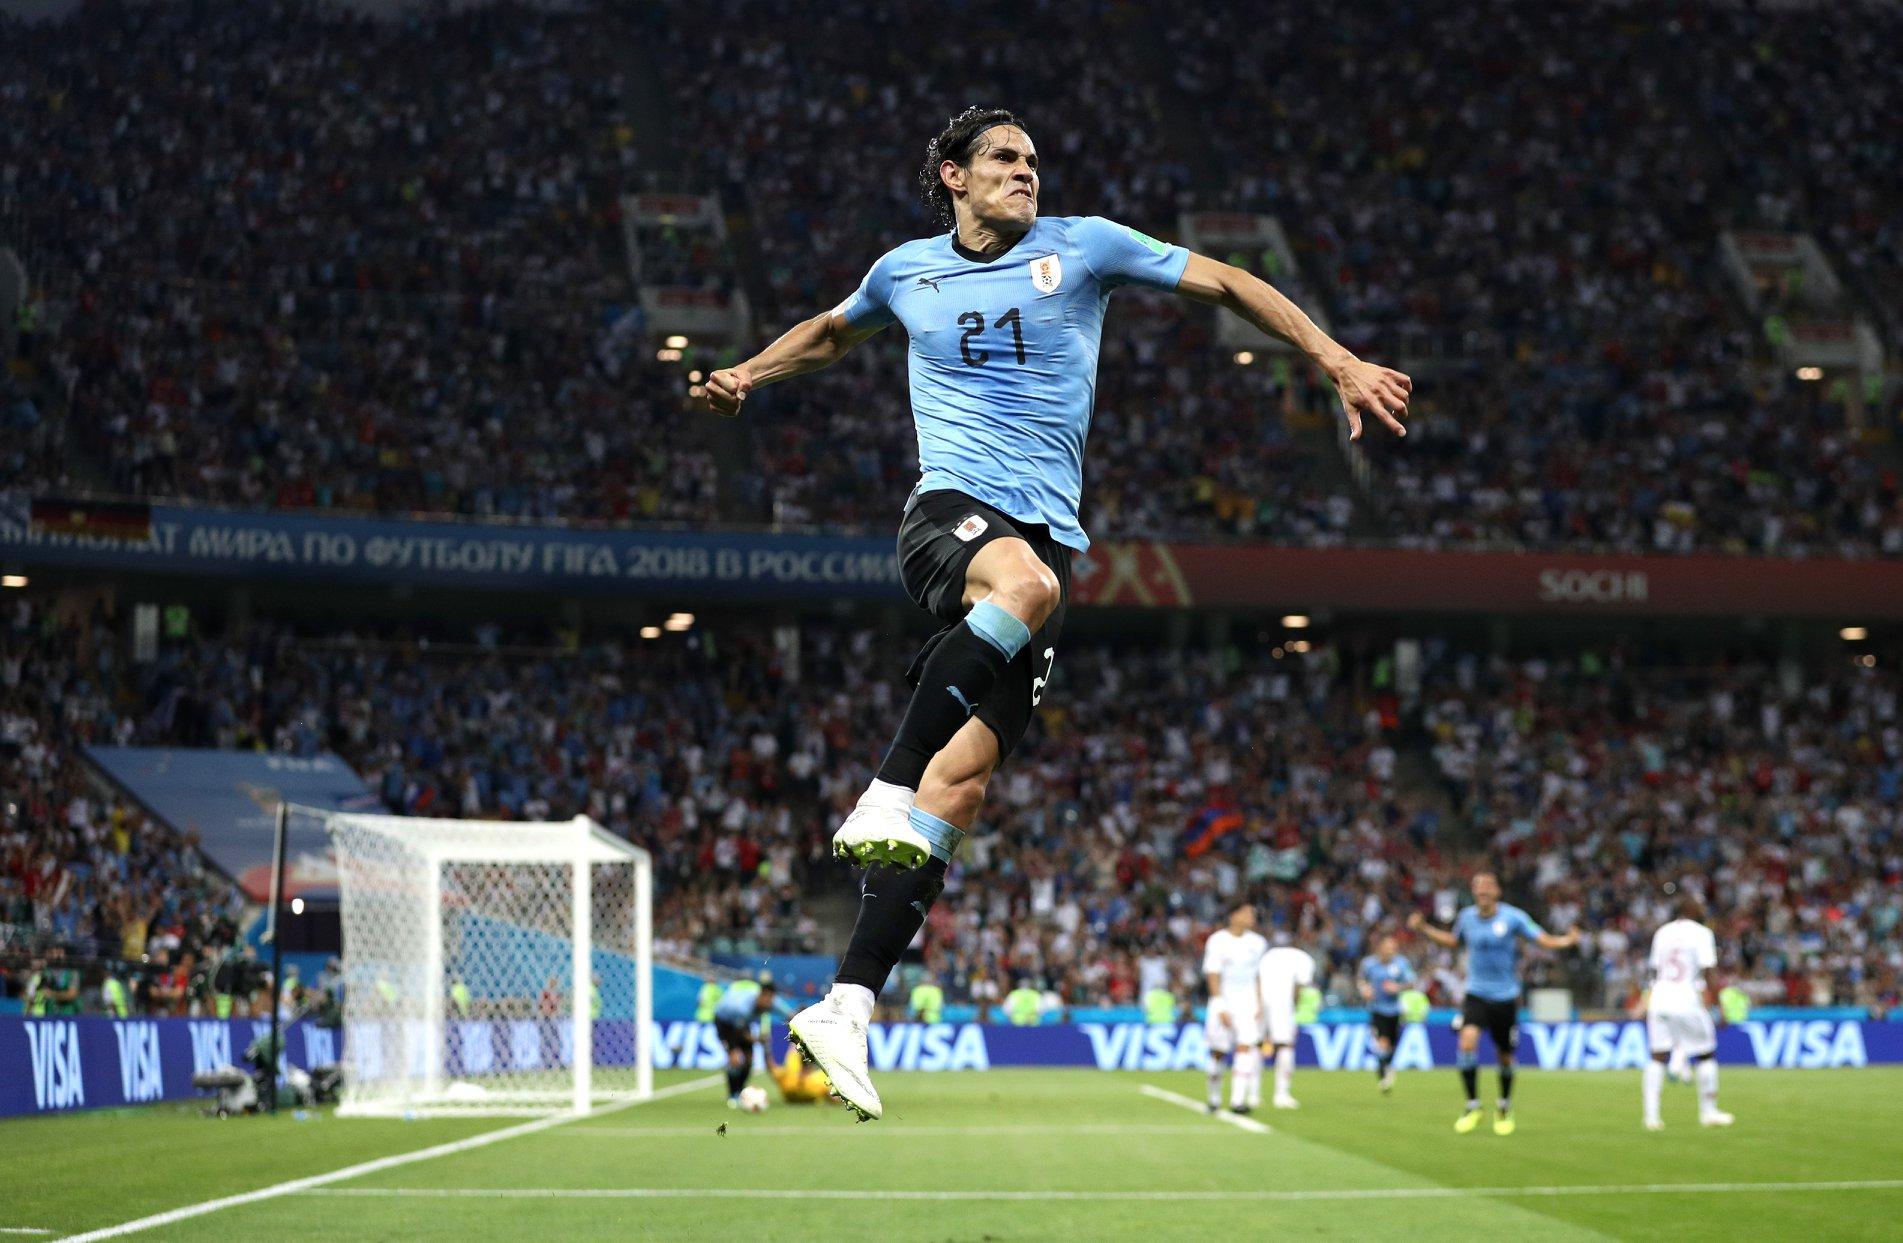 Edinson Cavani bem festejou frente a Portugal, mas a lesão que o obrigou a sair do jogo pode impedi-lo de jogar contra a França.